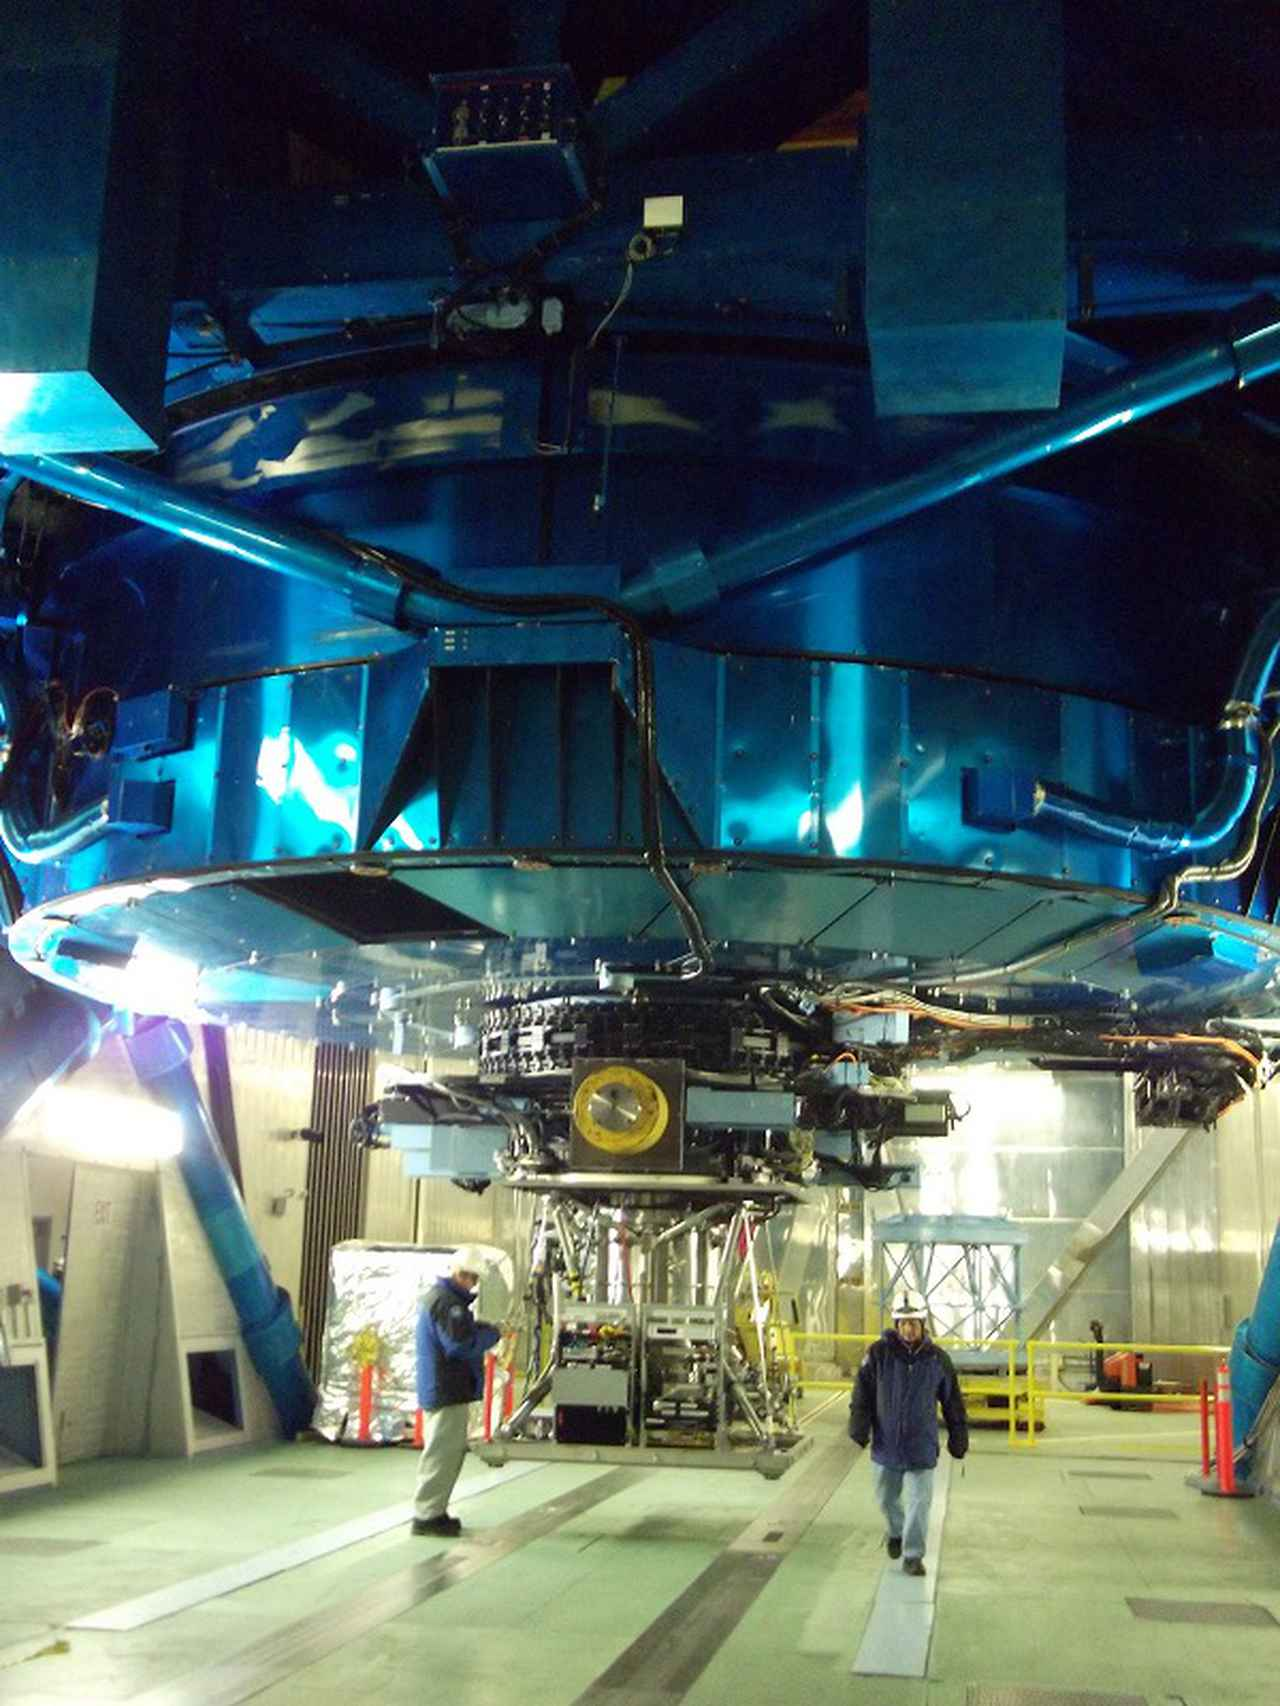 画像1: 巨大なすばる望遠鏡(筆者撮影)